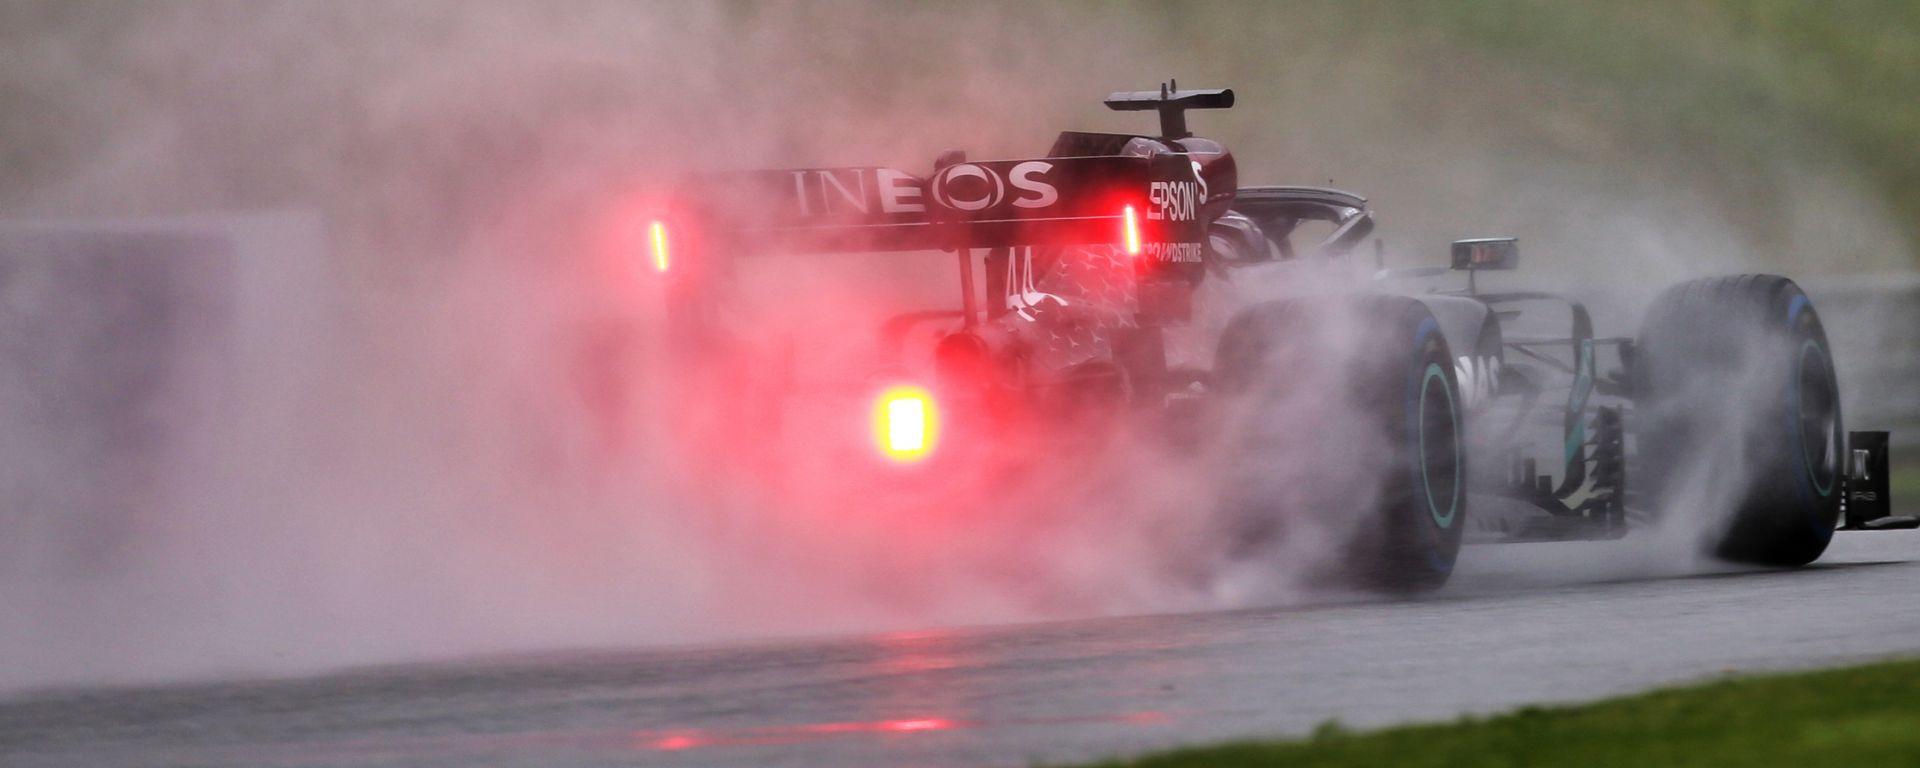 F1 GP Stiria 2020, Red Bull Ring: Lewis Hamilton (Mercedes) sotto la pioggia